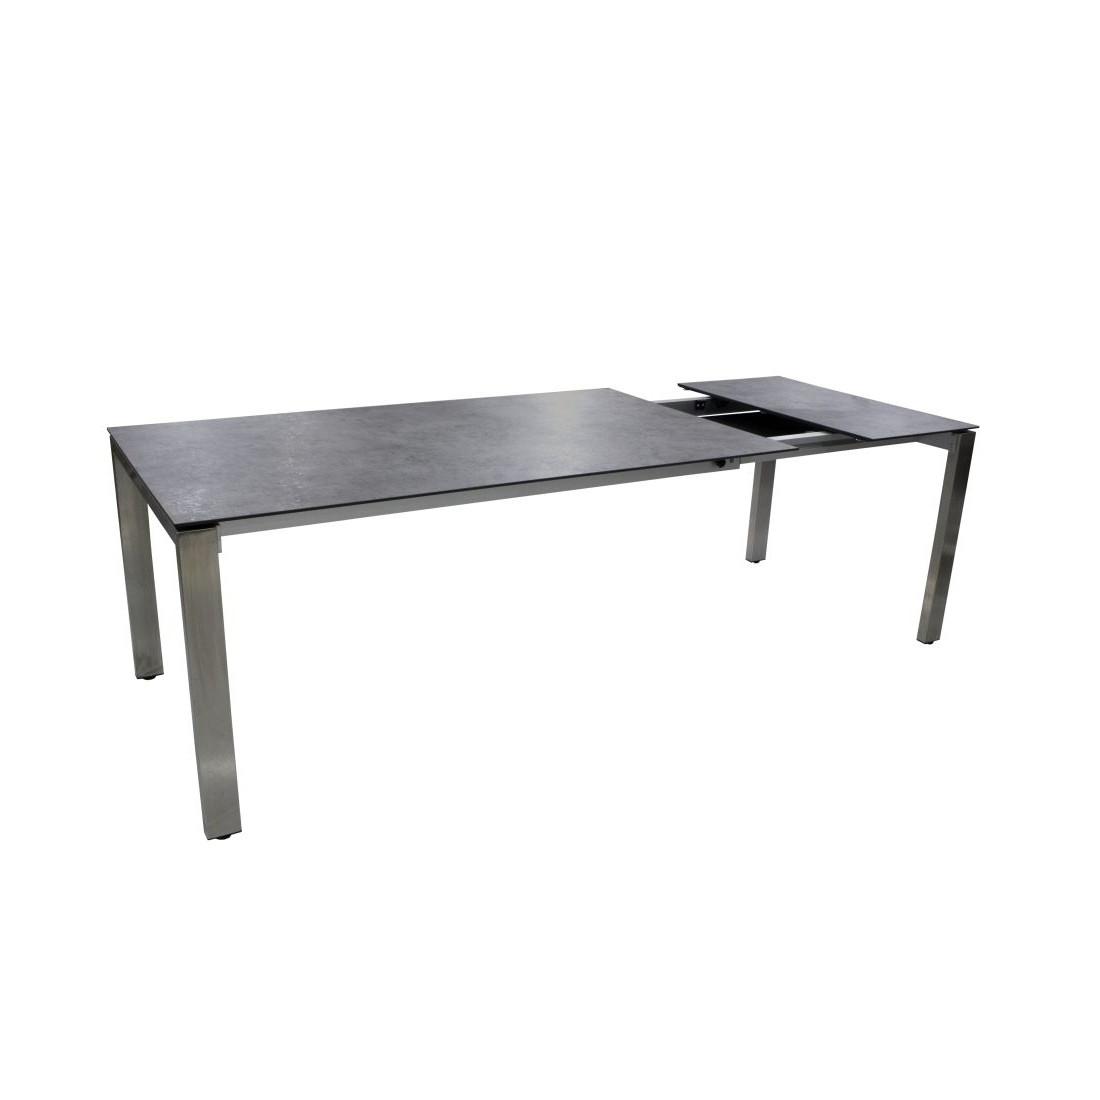 Full Size of Gartentisch Ausziehbar Aluminium Polywood Tisch 160 Alu 200/250x95cm Grau Sofa Esstisch Weiß Massiv Esstische Massivholz Rund Glas Ausziehbarer Runder Bett Wohnzimmer Gartentisch Ausziehbar Polywood